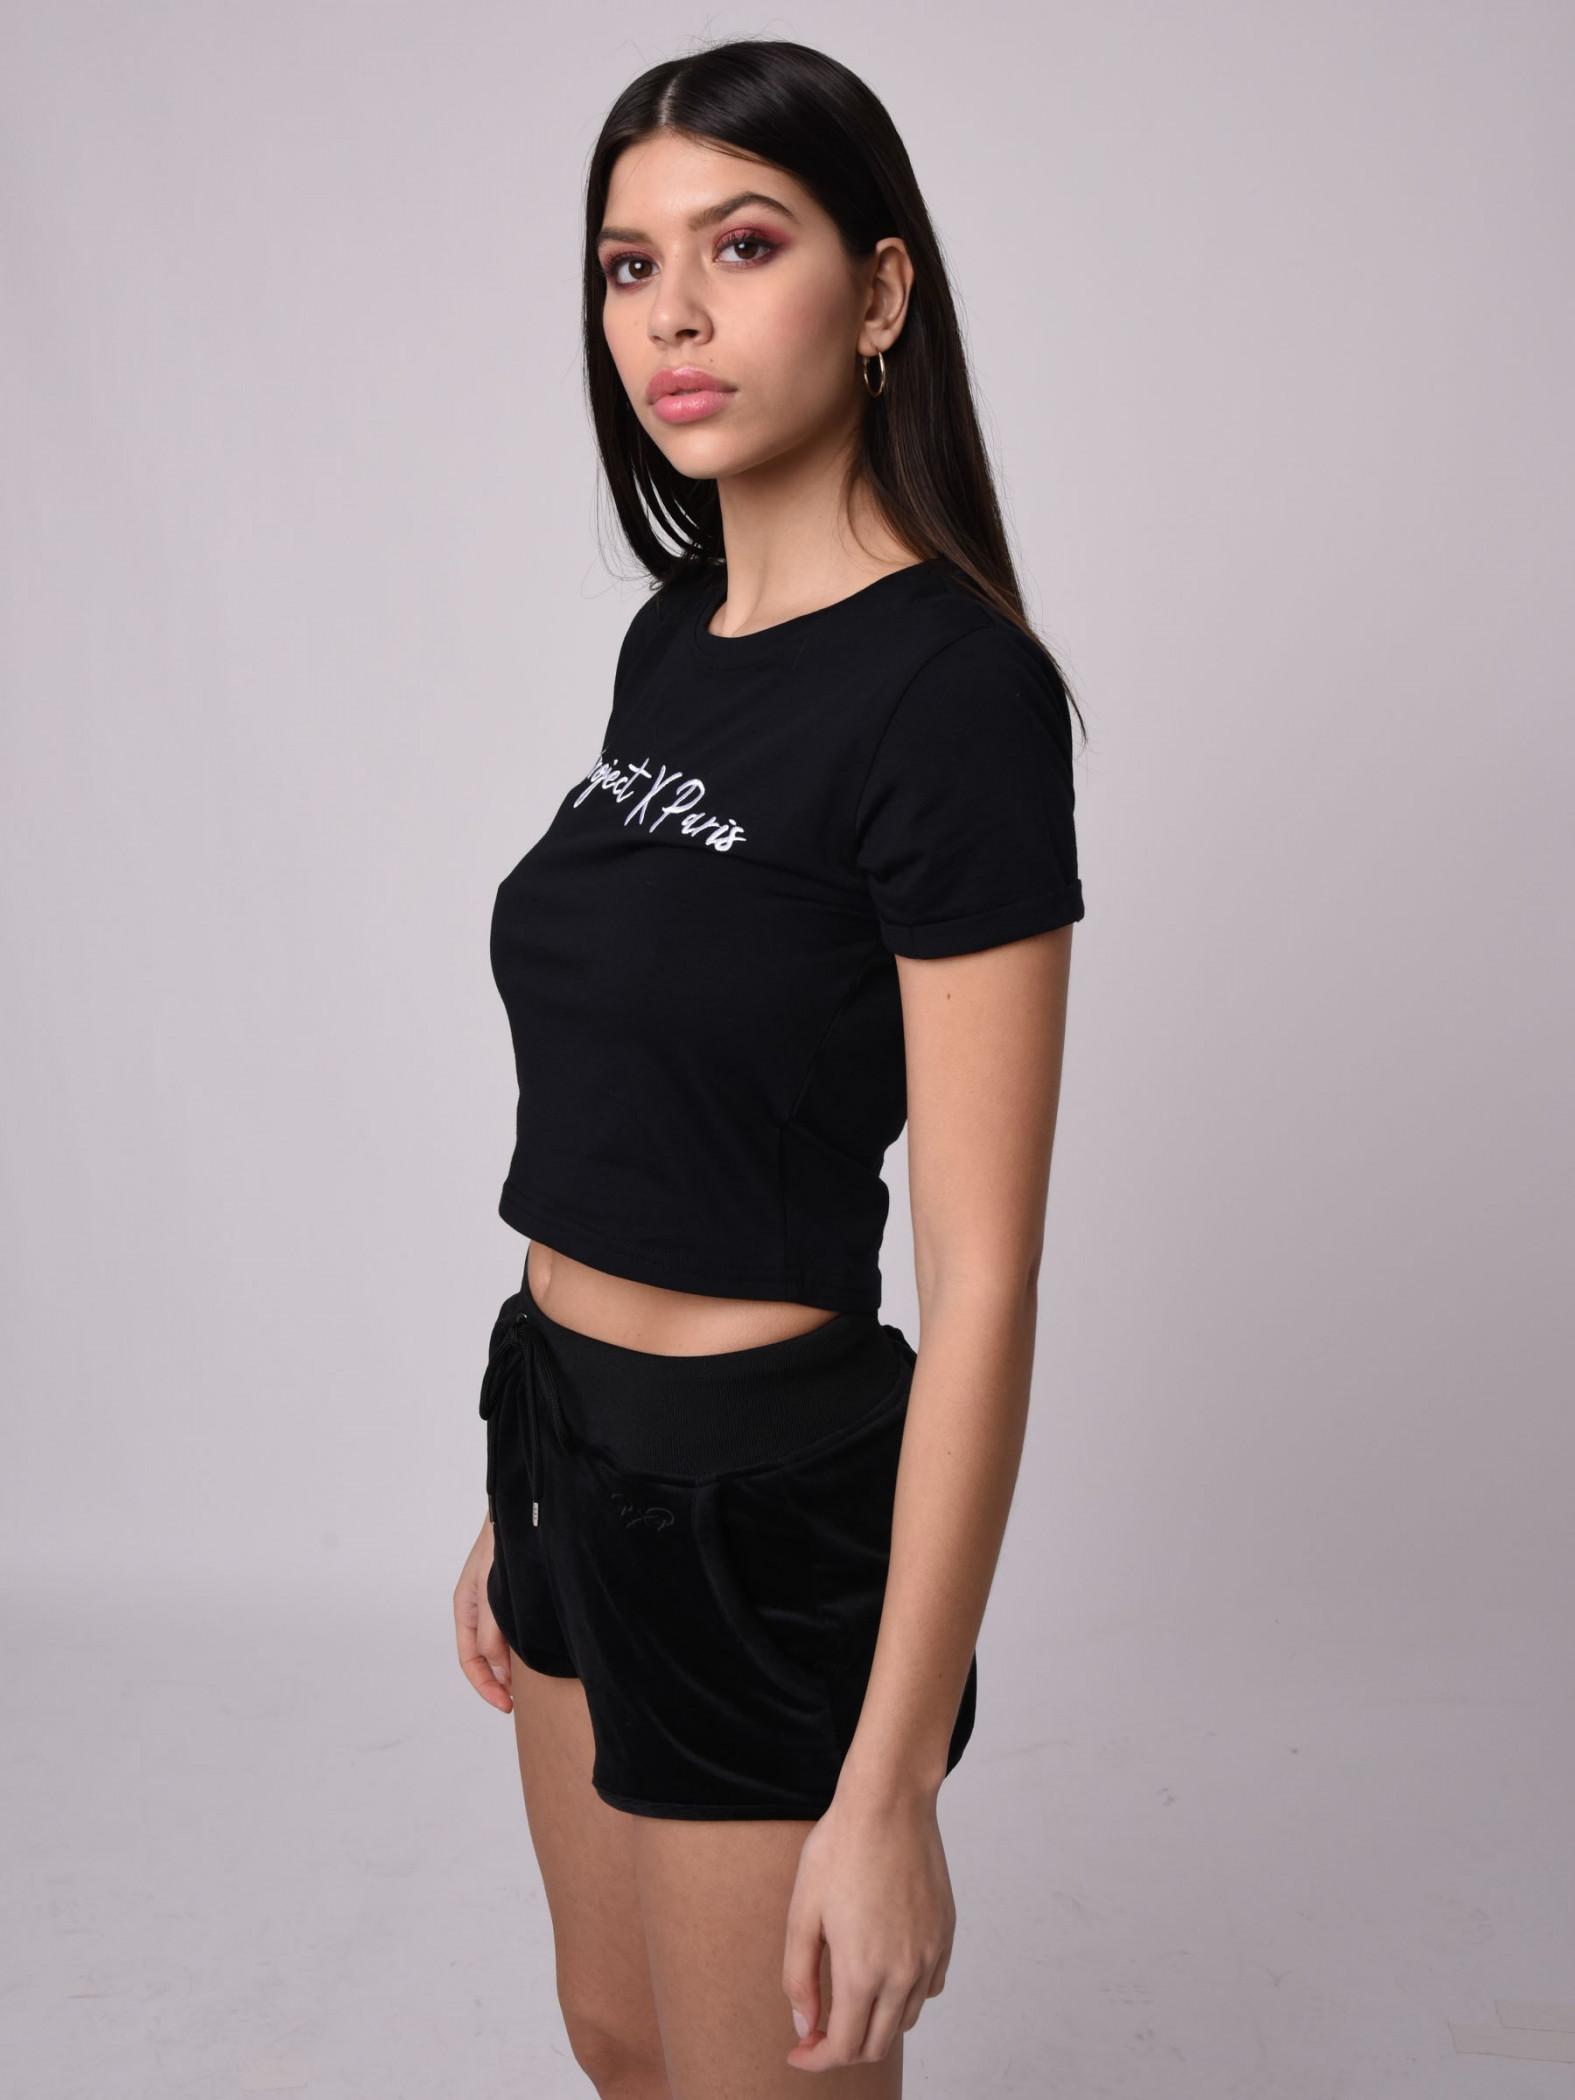 ad4d6df65de T-shirt crop top manches courtes à revers Femme Project X Paris